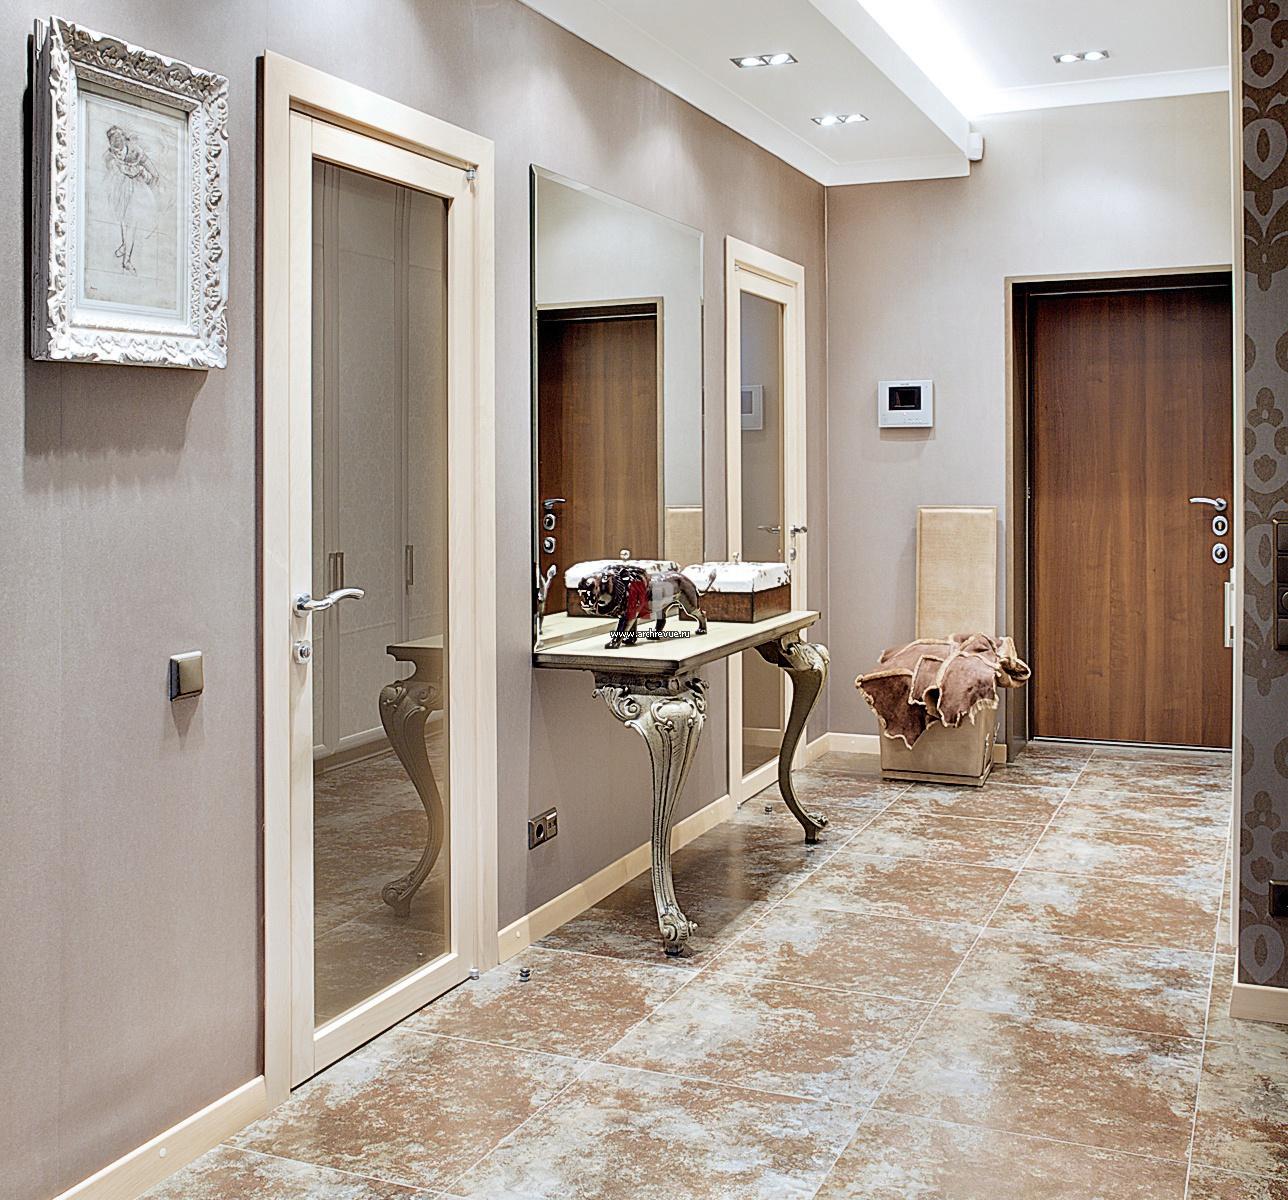 Дизайн интерьера узкого коридора в квартире, 14 идей